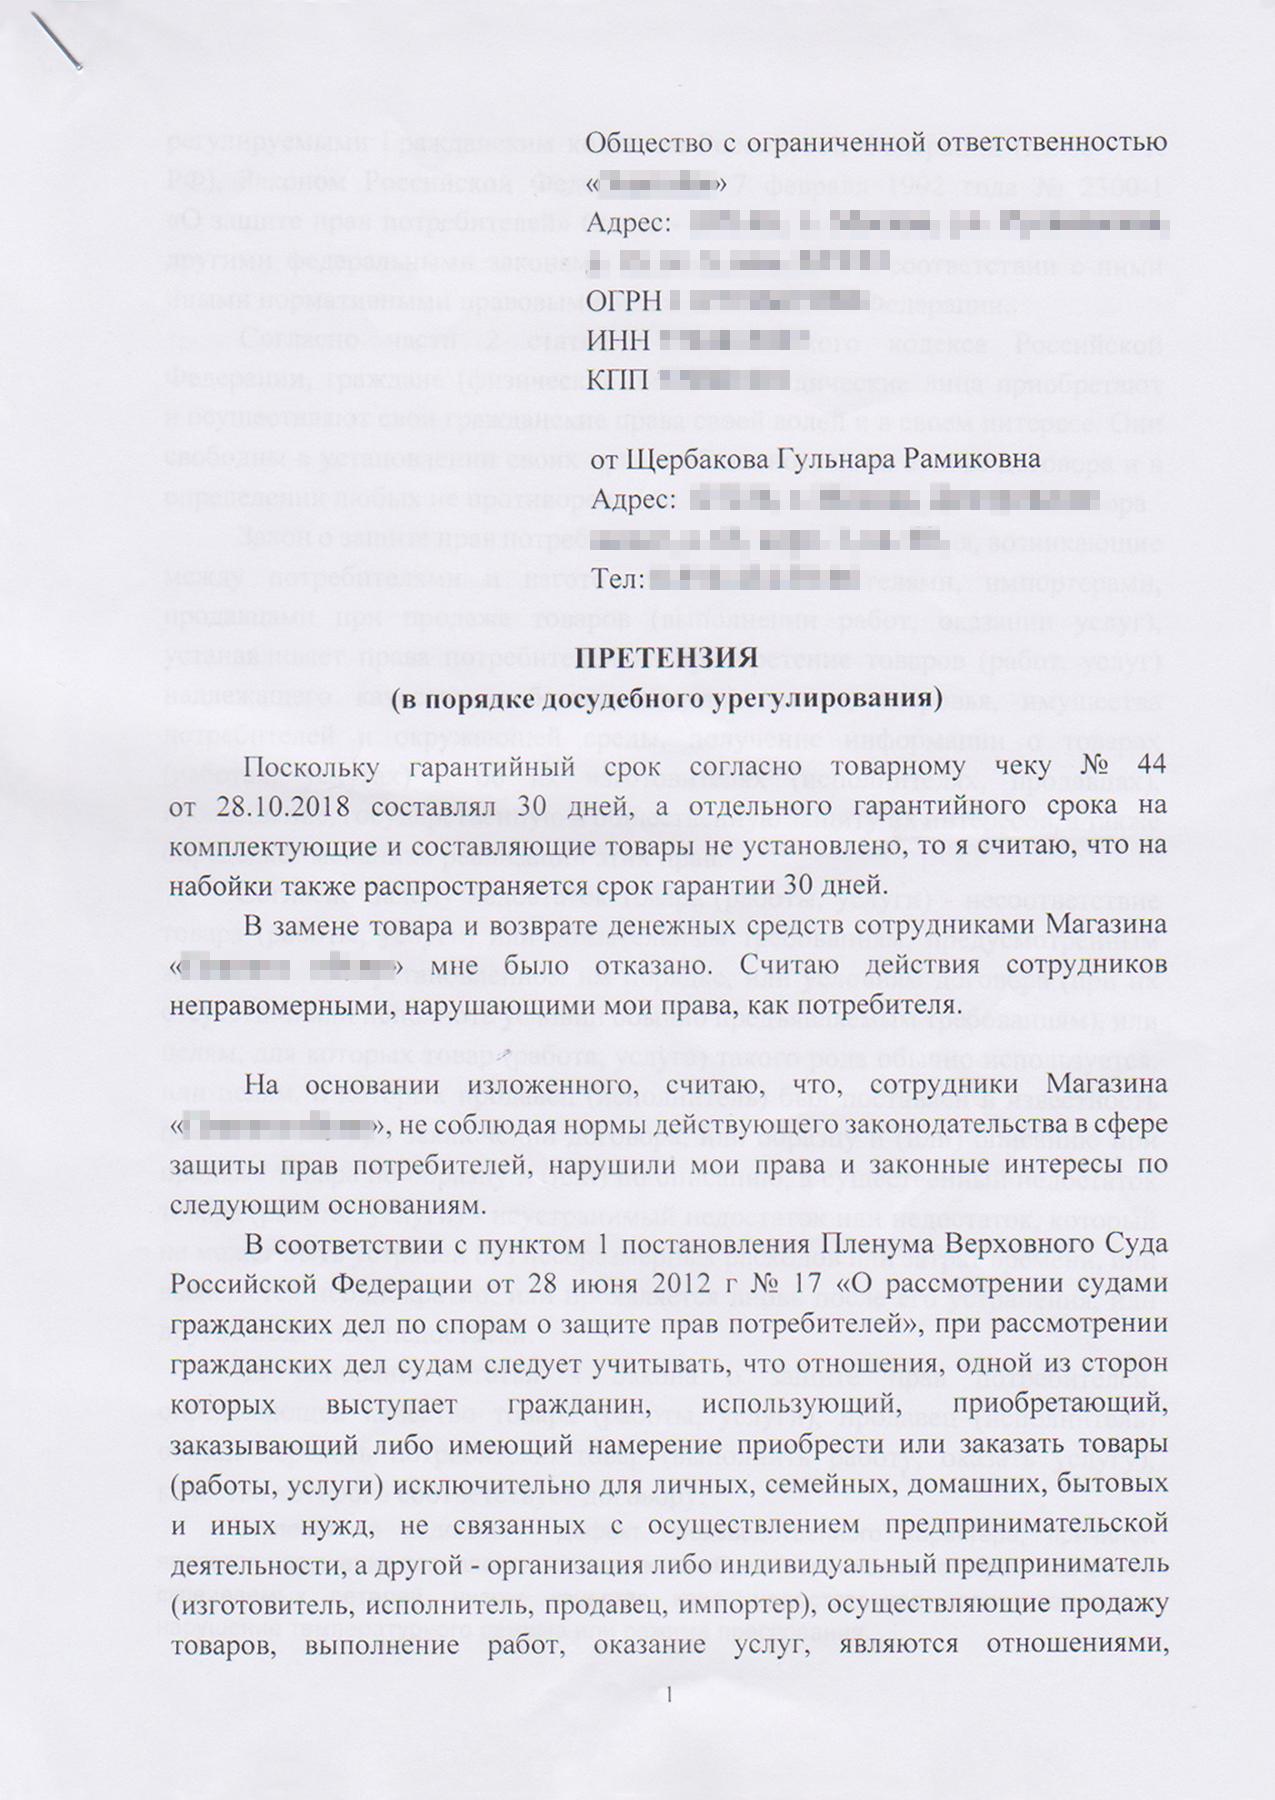 Закон озащите прав потребителя 29 минимальный срок возврата при отклеивании подошвы